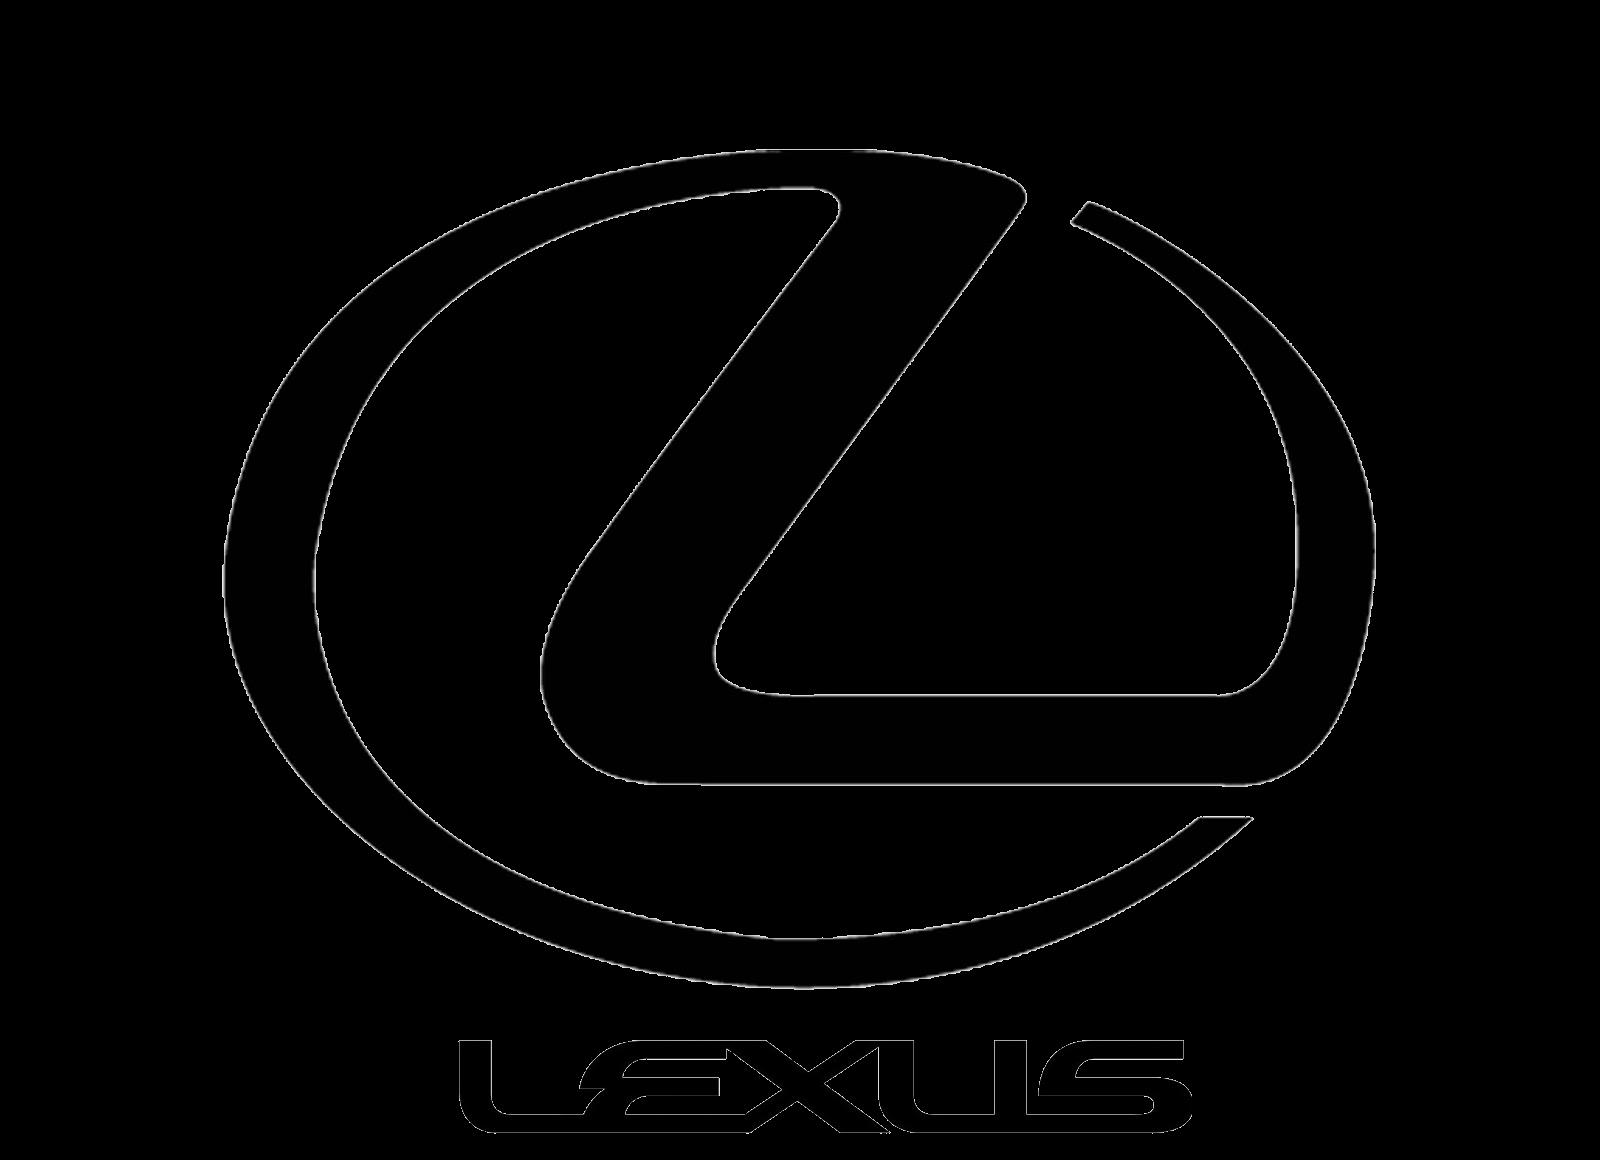 Lexus Car Logo   Lexus Auto Logo Vector Png - Lexus Auto Vector, Transparent background PNG HD thumbnail